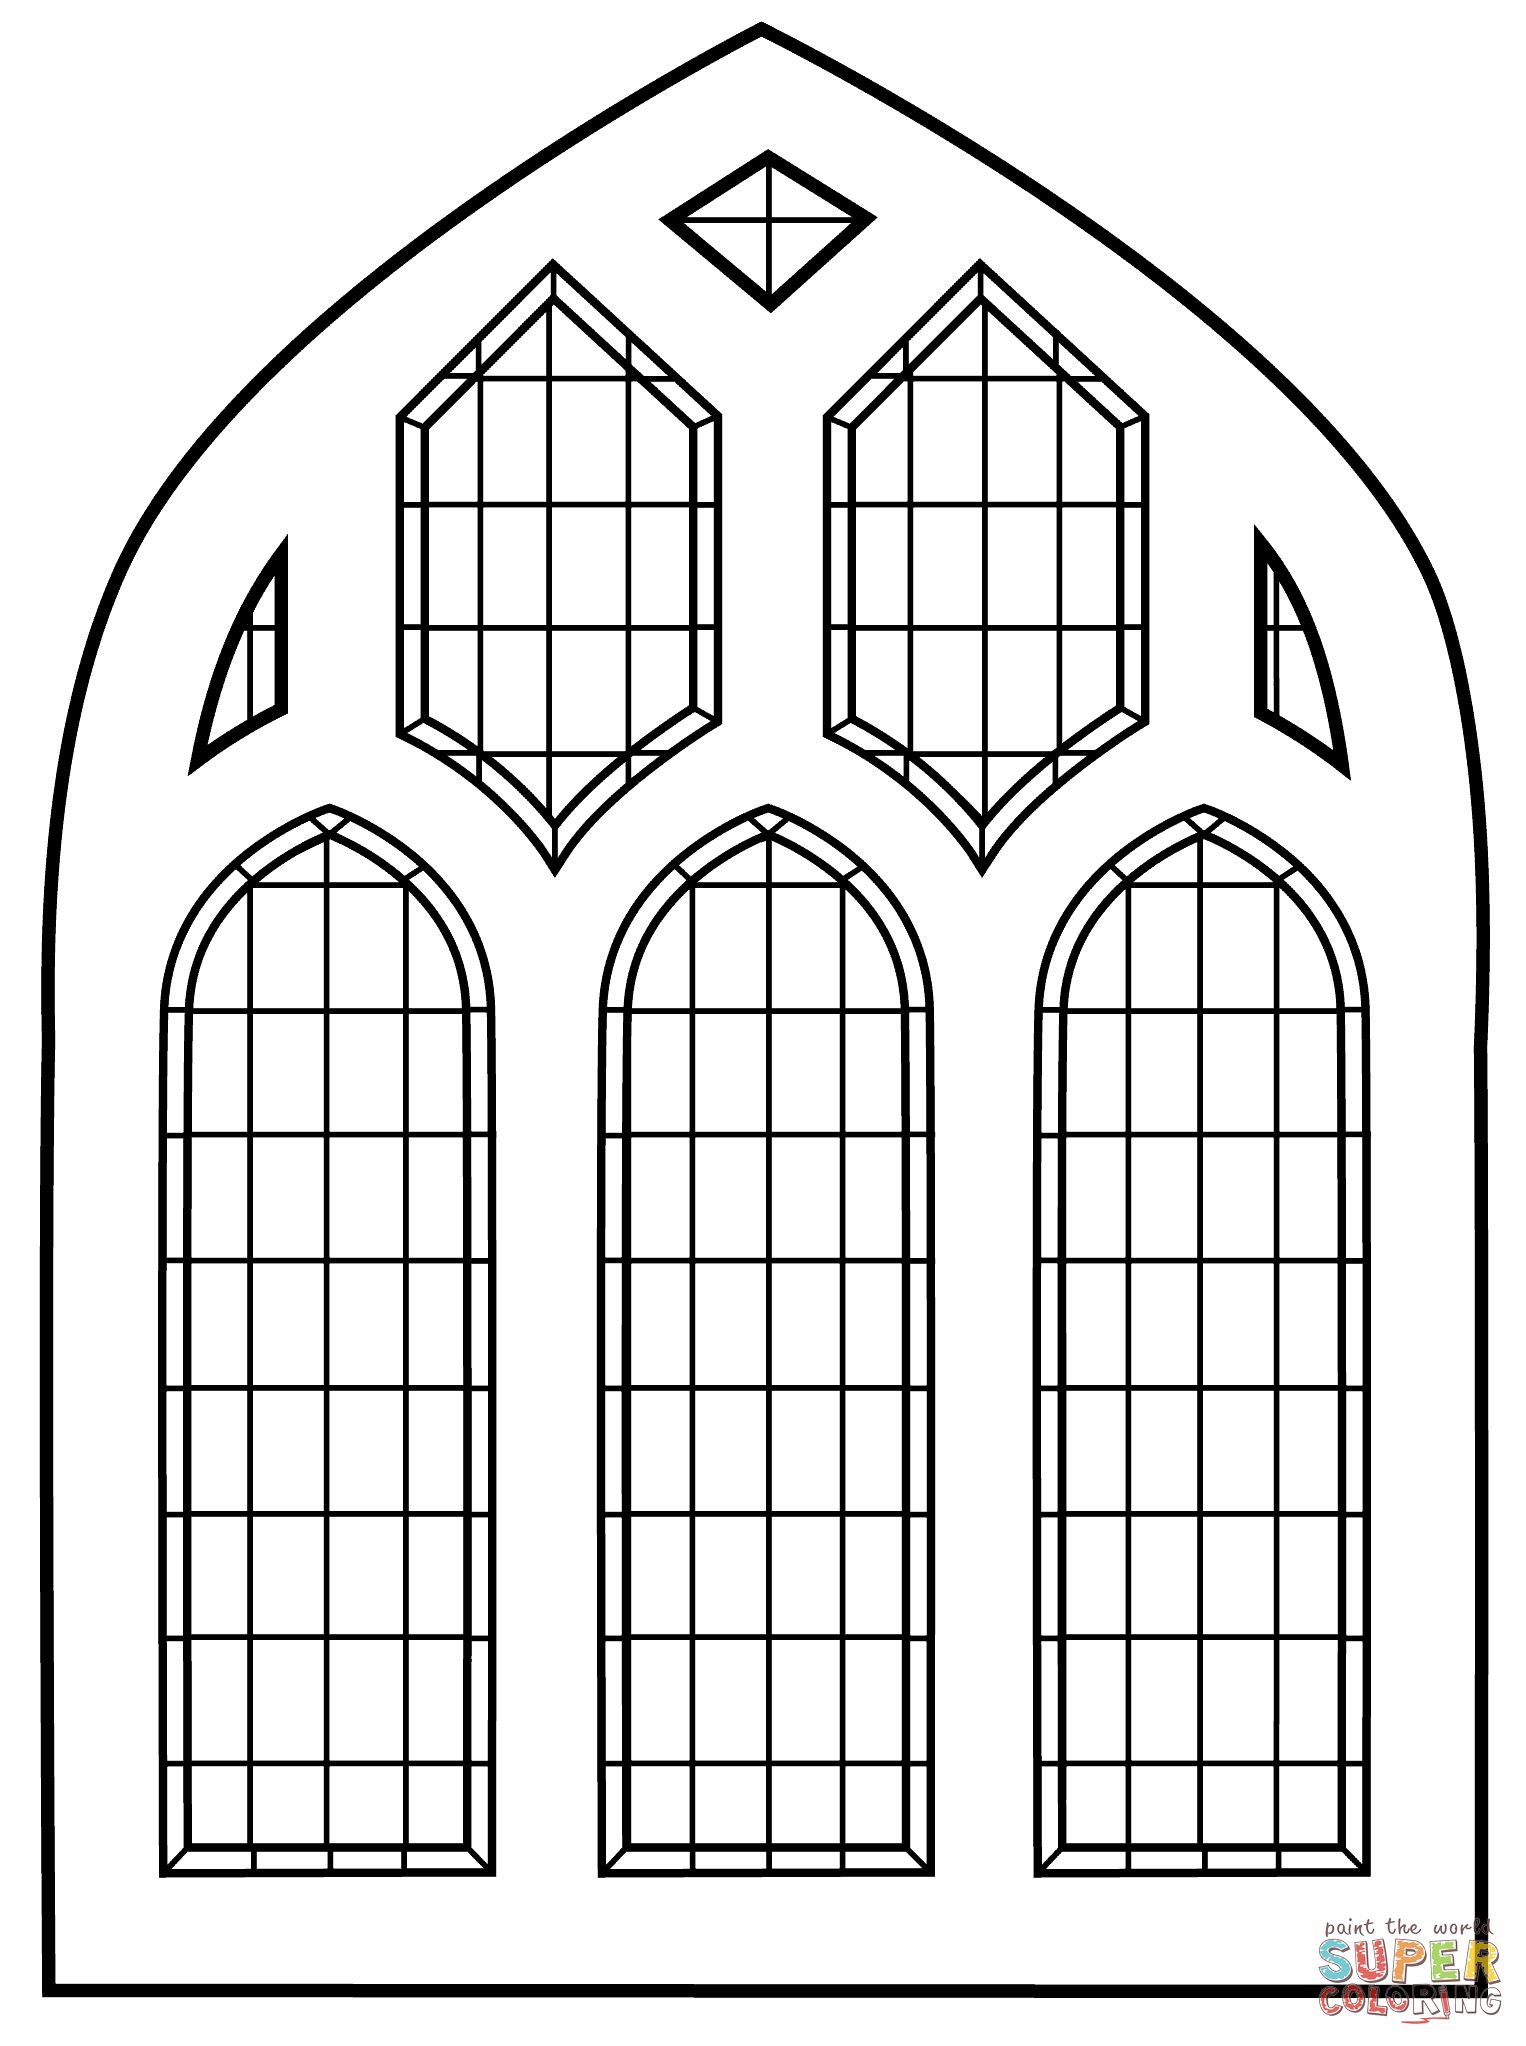 Ausmalbild Buntglas -Fenster Ausmalbilder Kostenlos Zum